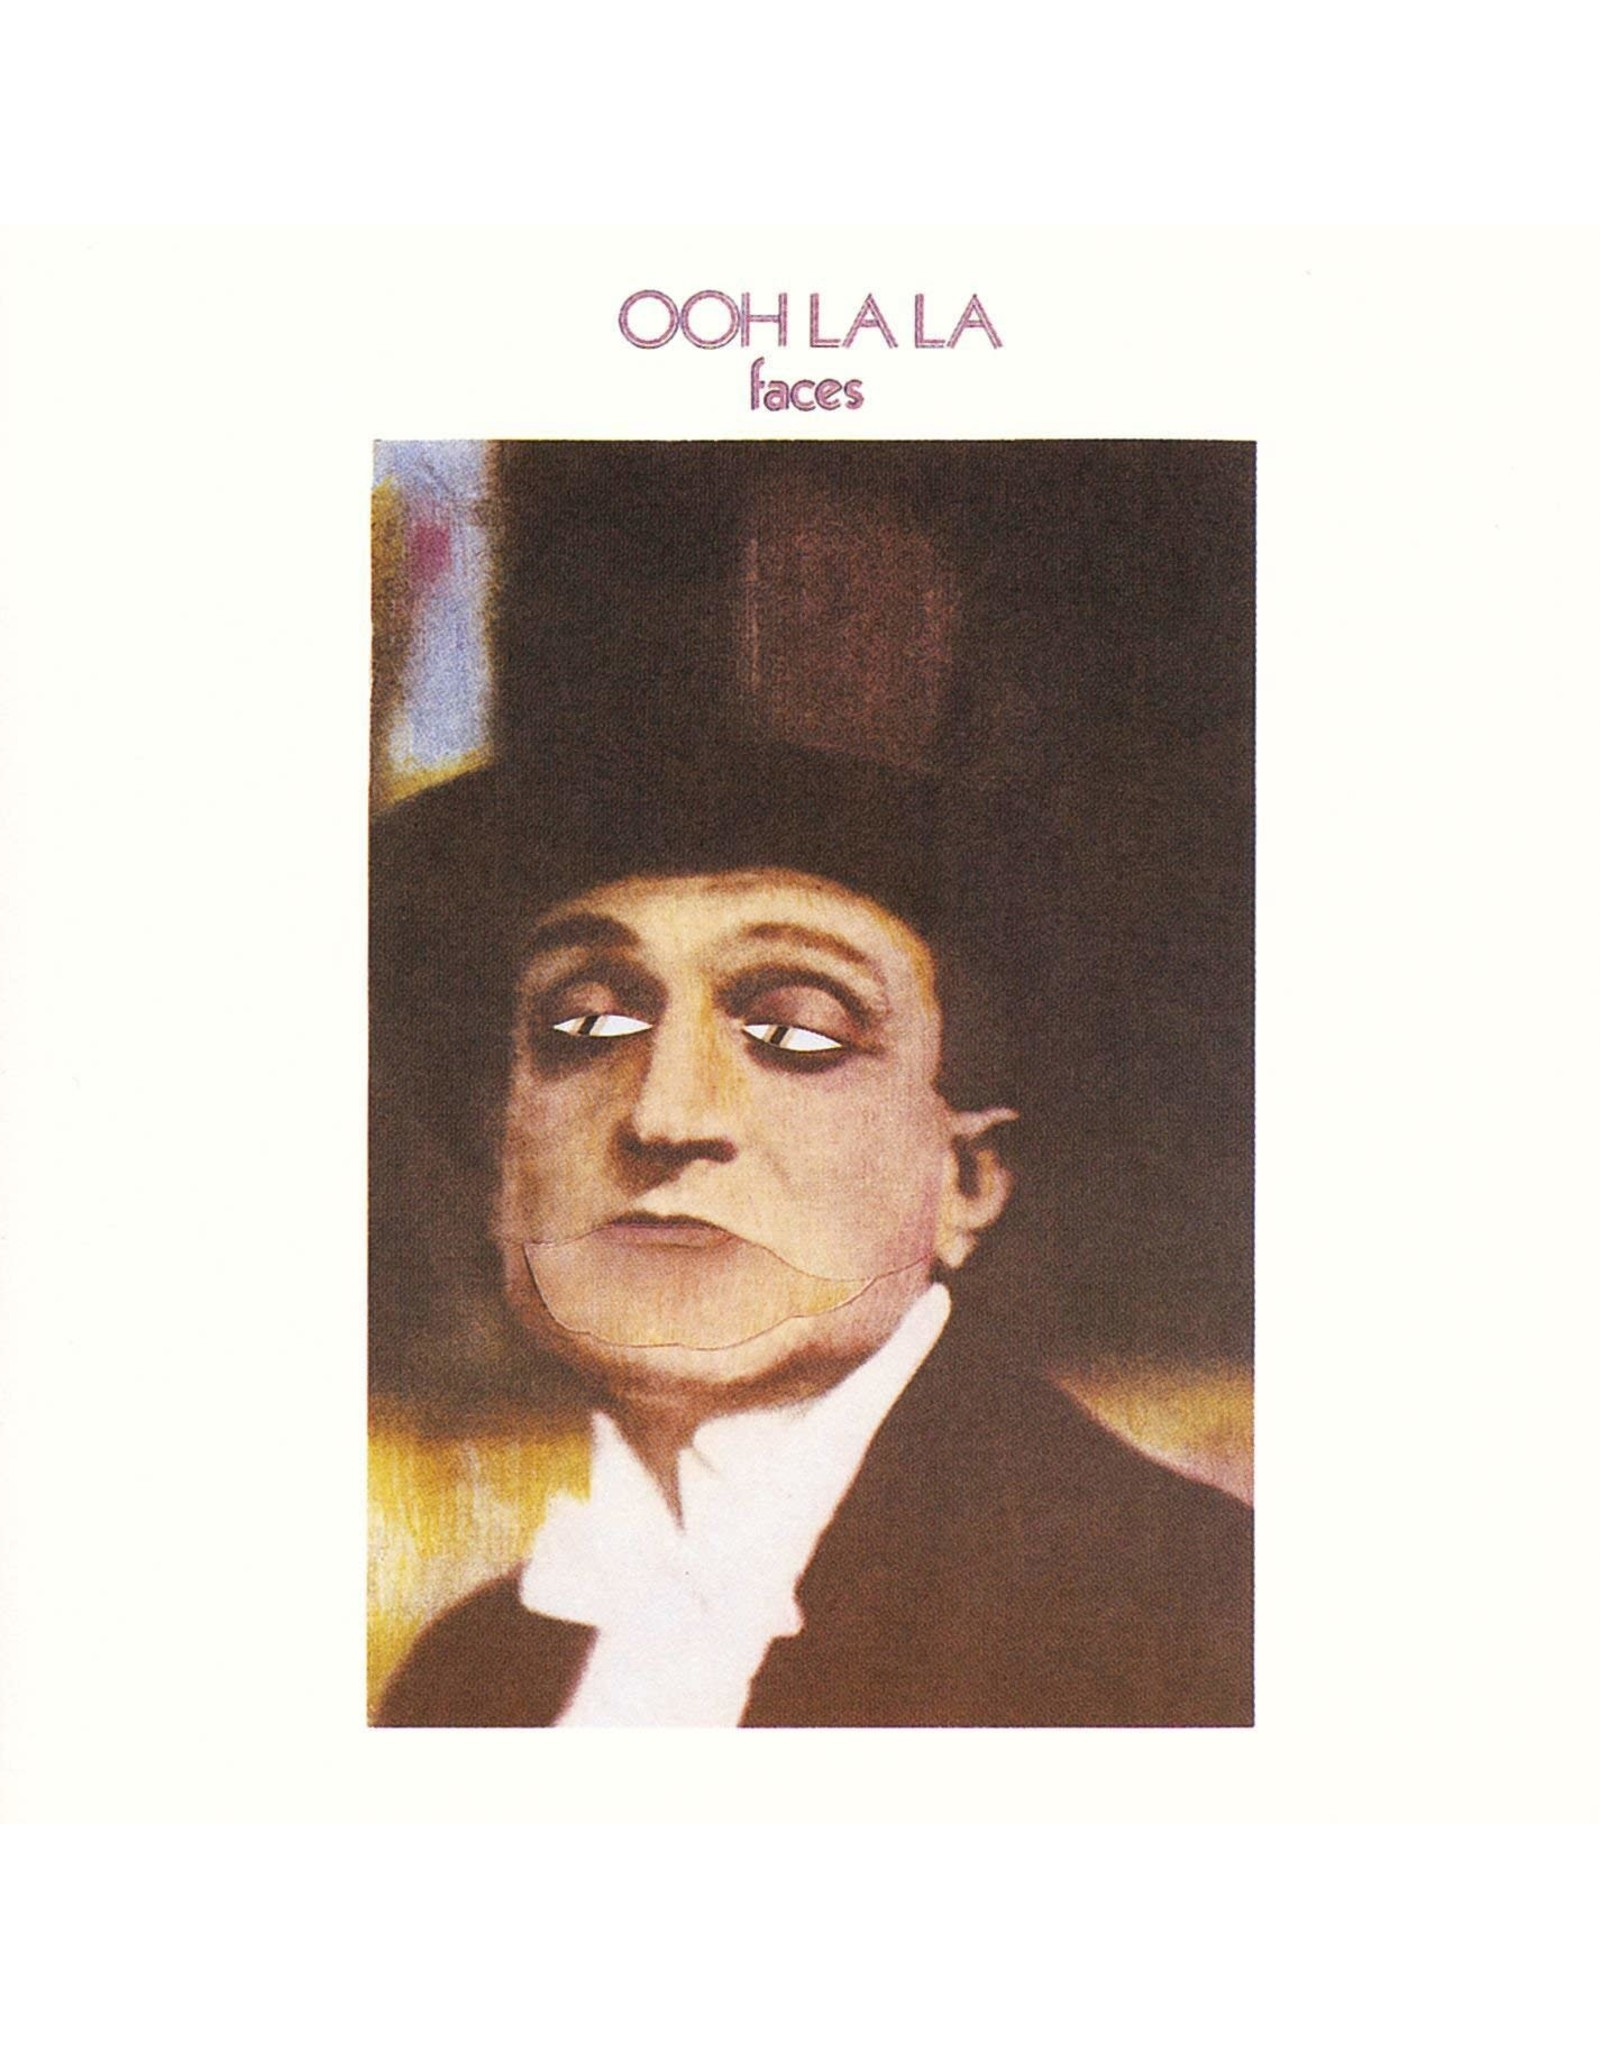 Faces - Oh La La (Red Vinyl)